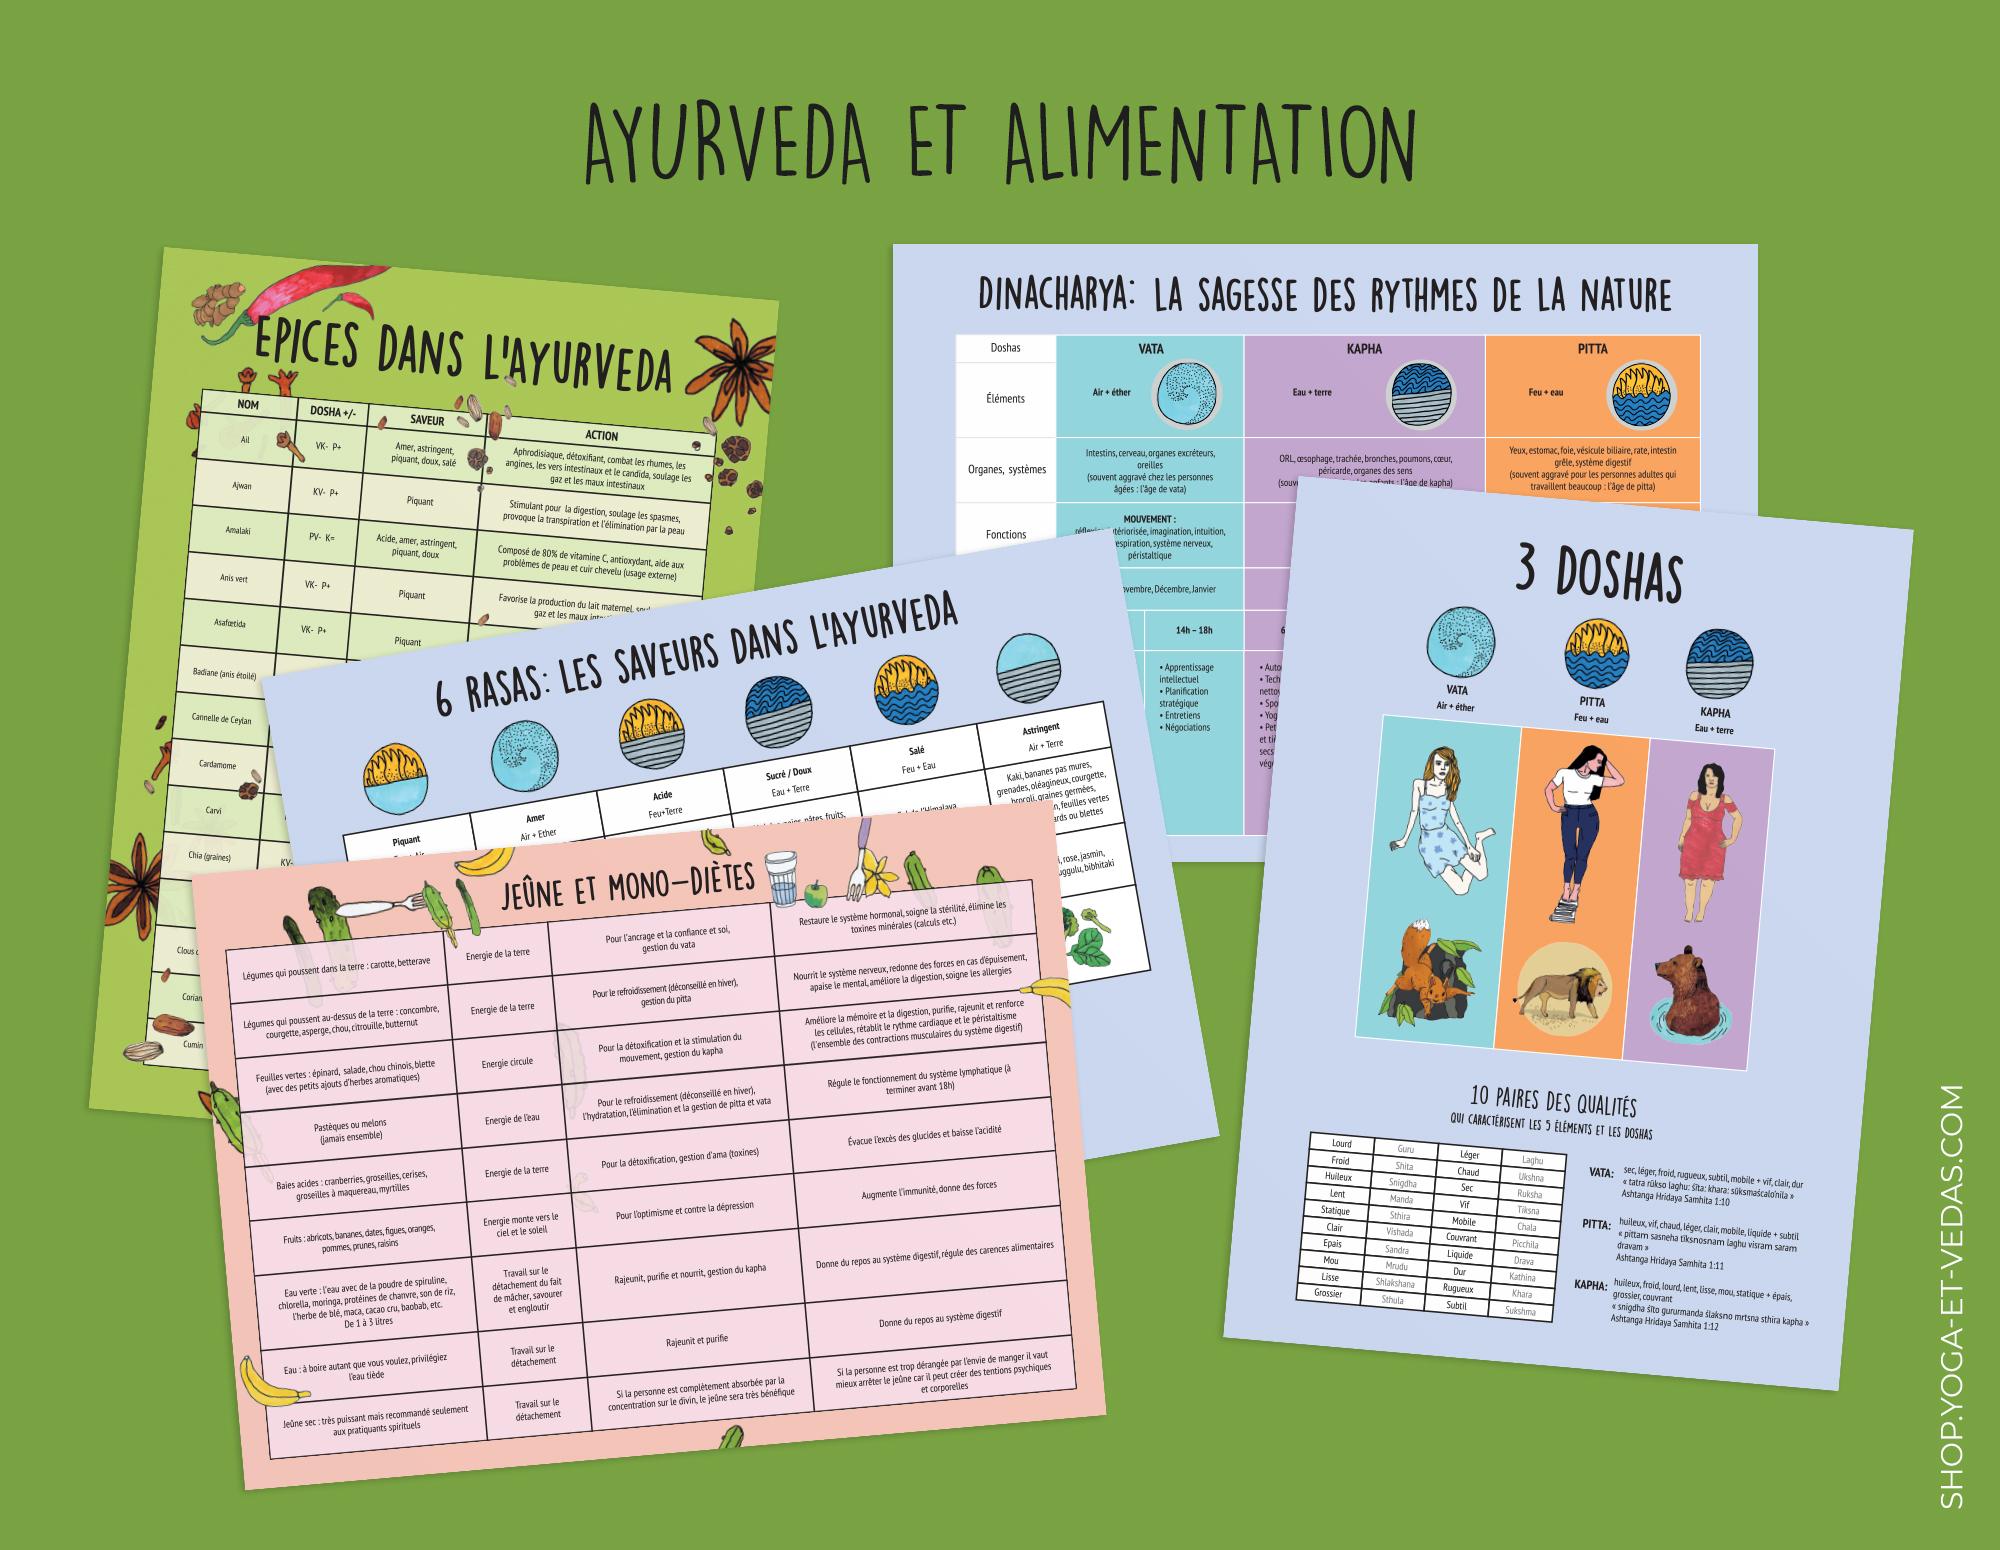 40 Fiches A4 yogiques et ayurvédiques - Ayruvéda et Alimentation - Shop Yoga&Vedas